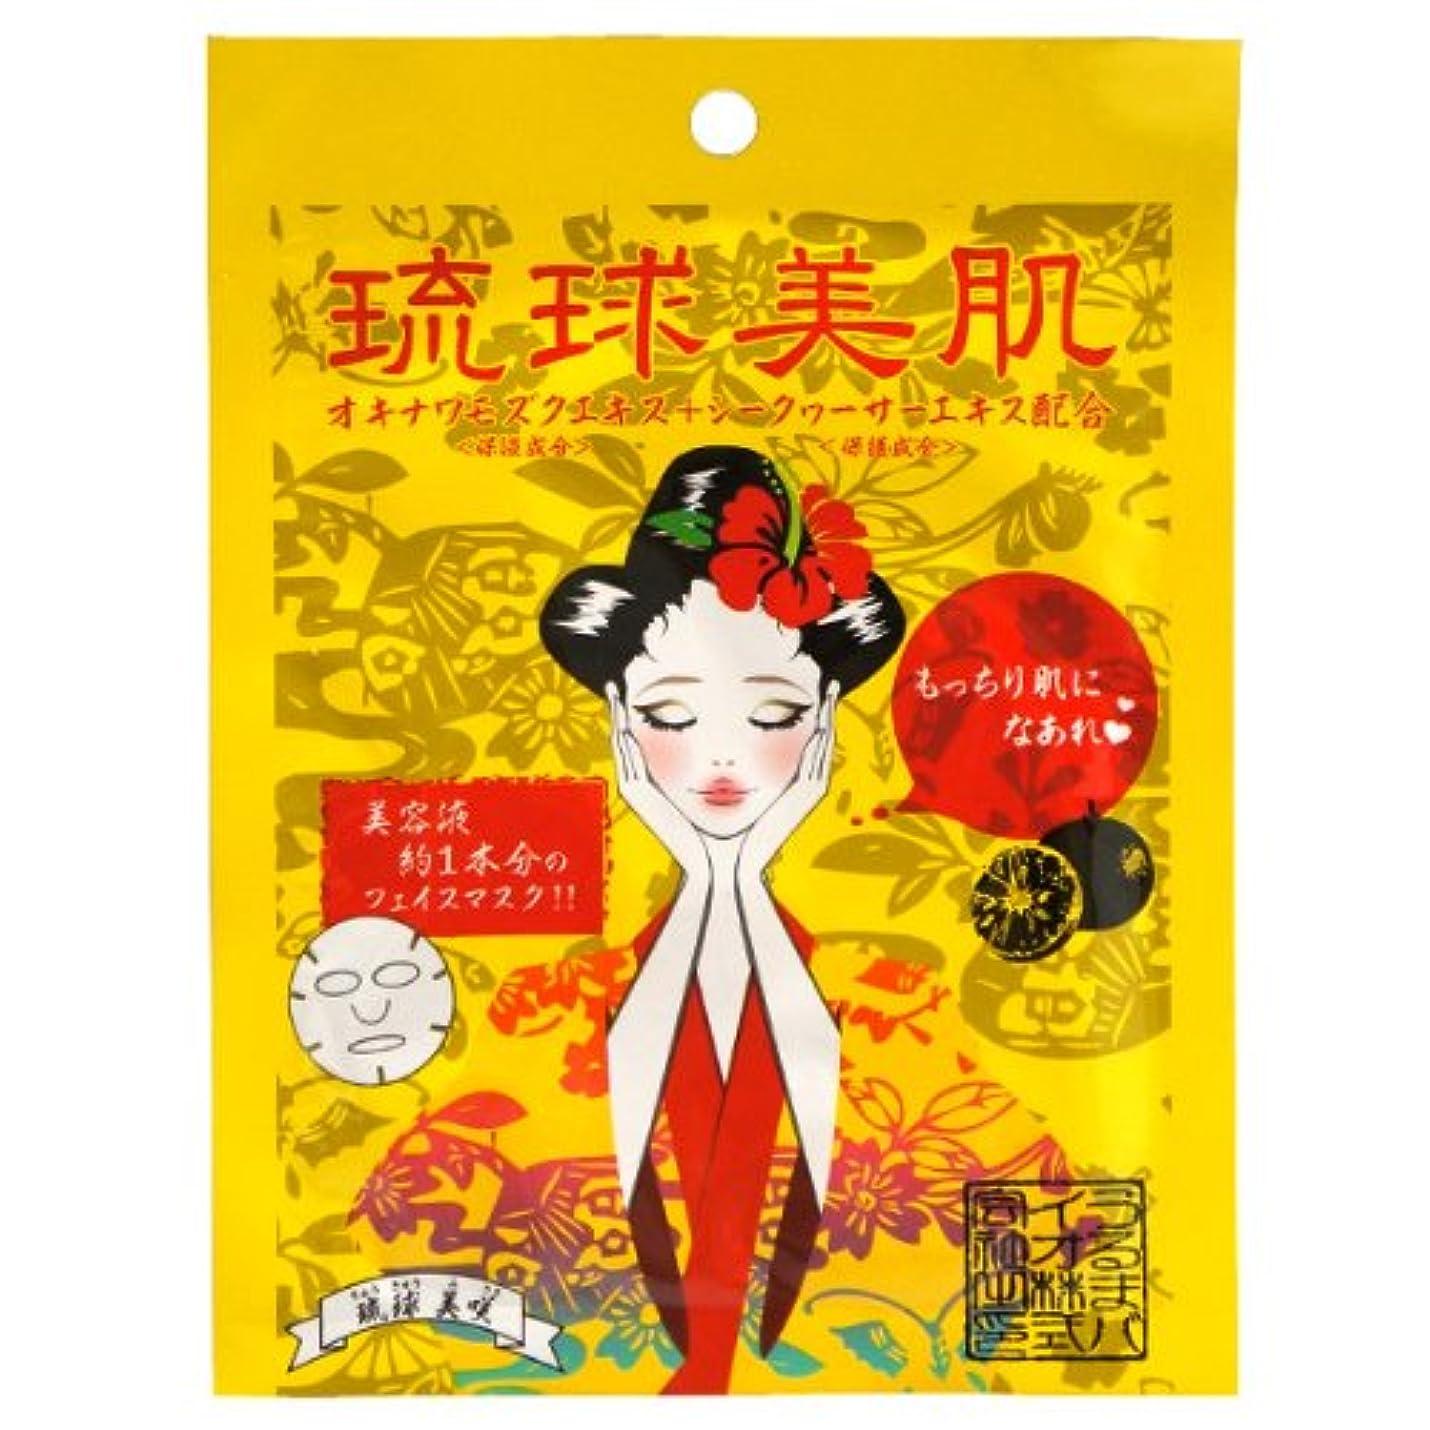 ビートホット基本的な琉球美肌 シークワーサーの香り